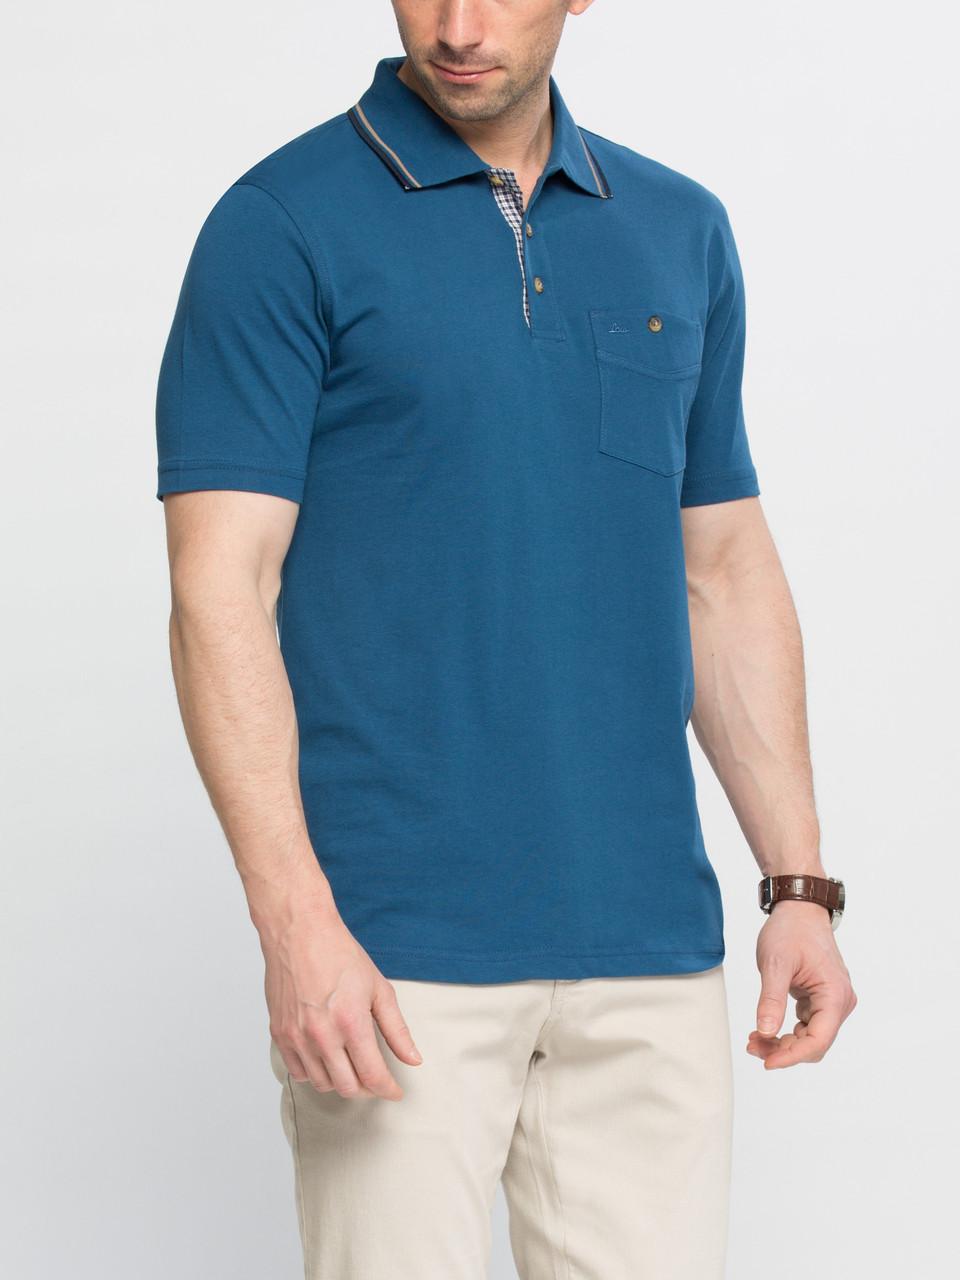 Синее мужское поло LC Waikiki / ЛС Вайкики с пуговицами цвета слоновой кости